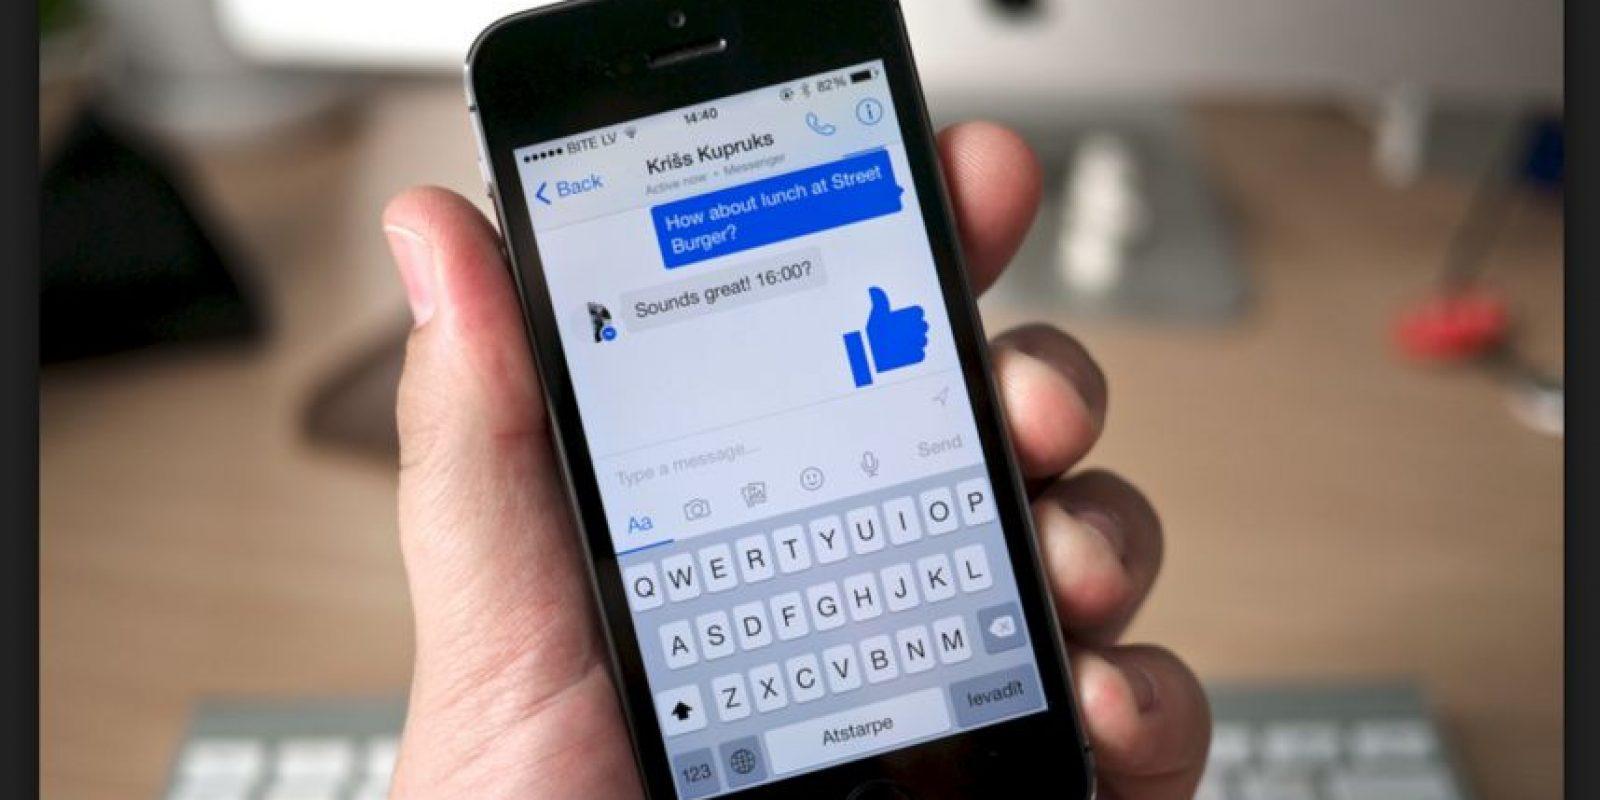 Contactos de confianza: esta opción permite elegir amigos a los que puedes llamar para recuperar su contraseña Foto:Getty Images